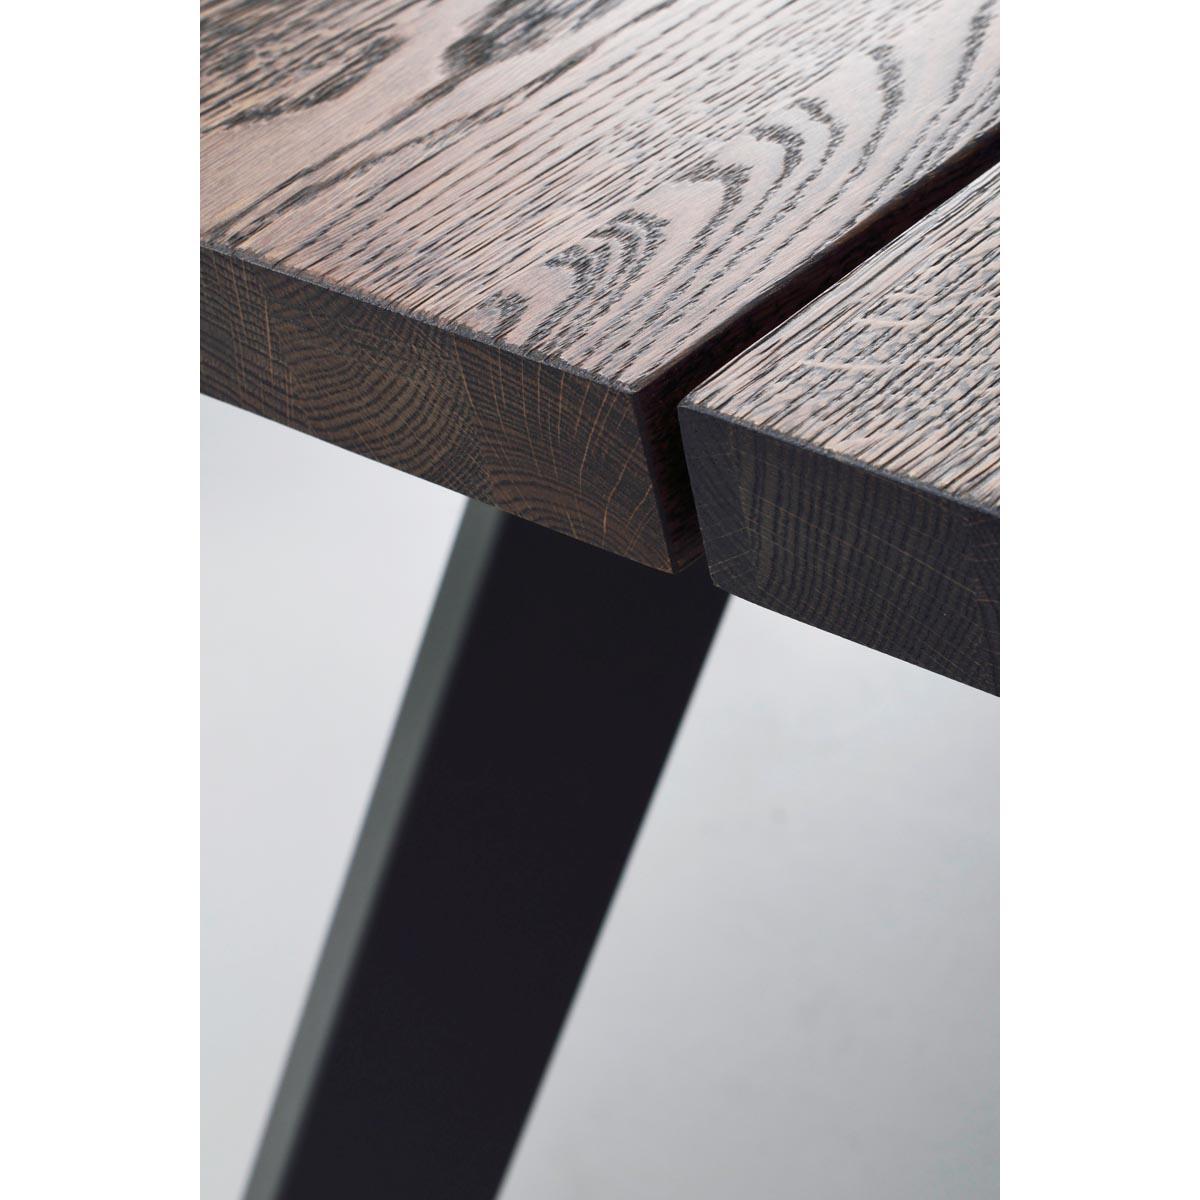 Fred-matbord-240-smoke-R-117430_detalj